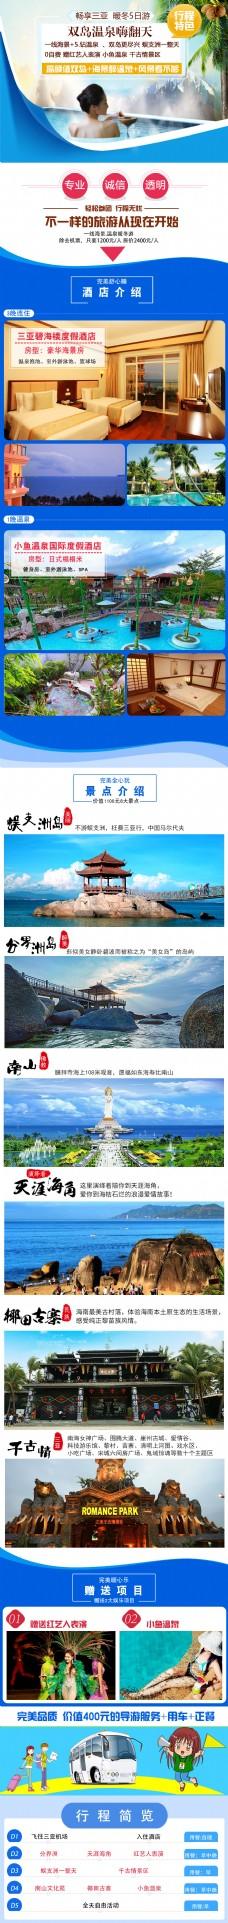 双岛温泉嗨翻天旅游行程详情页